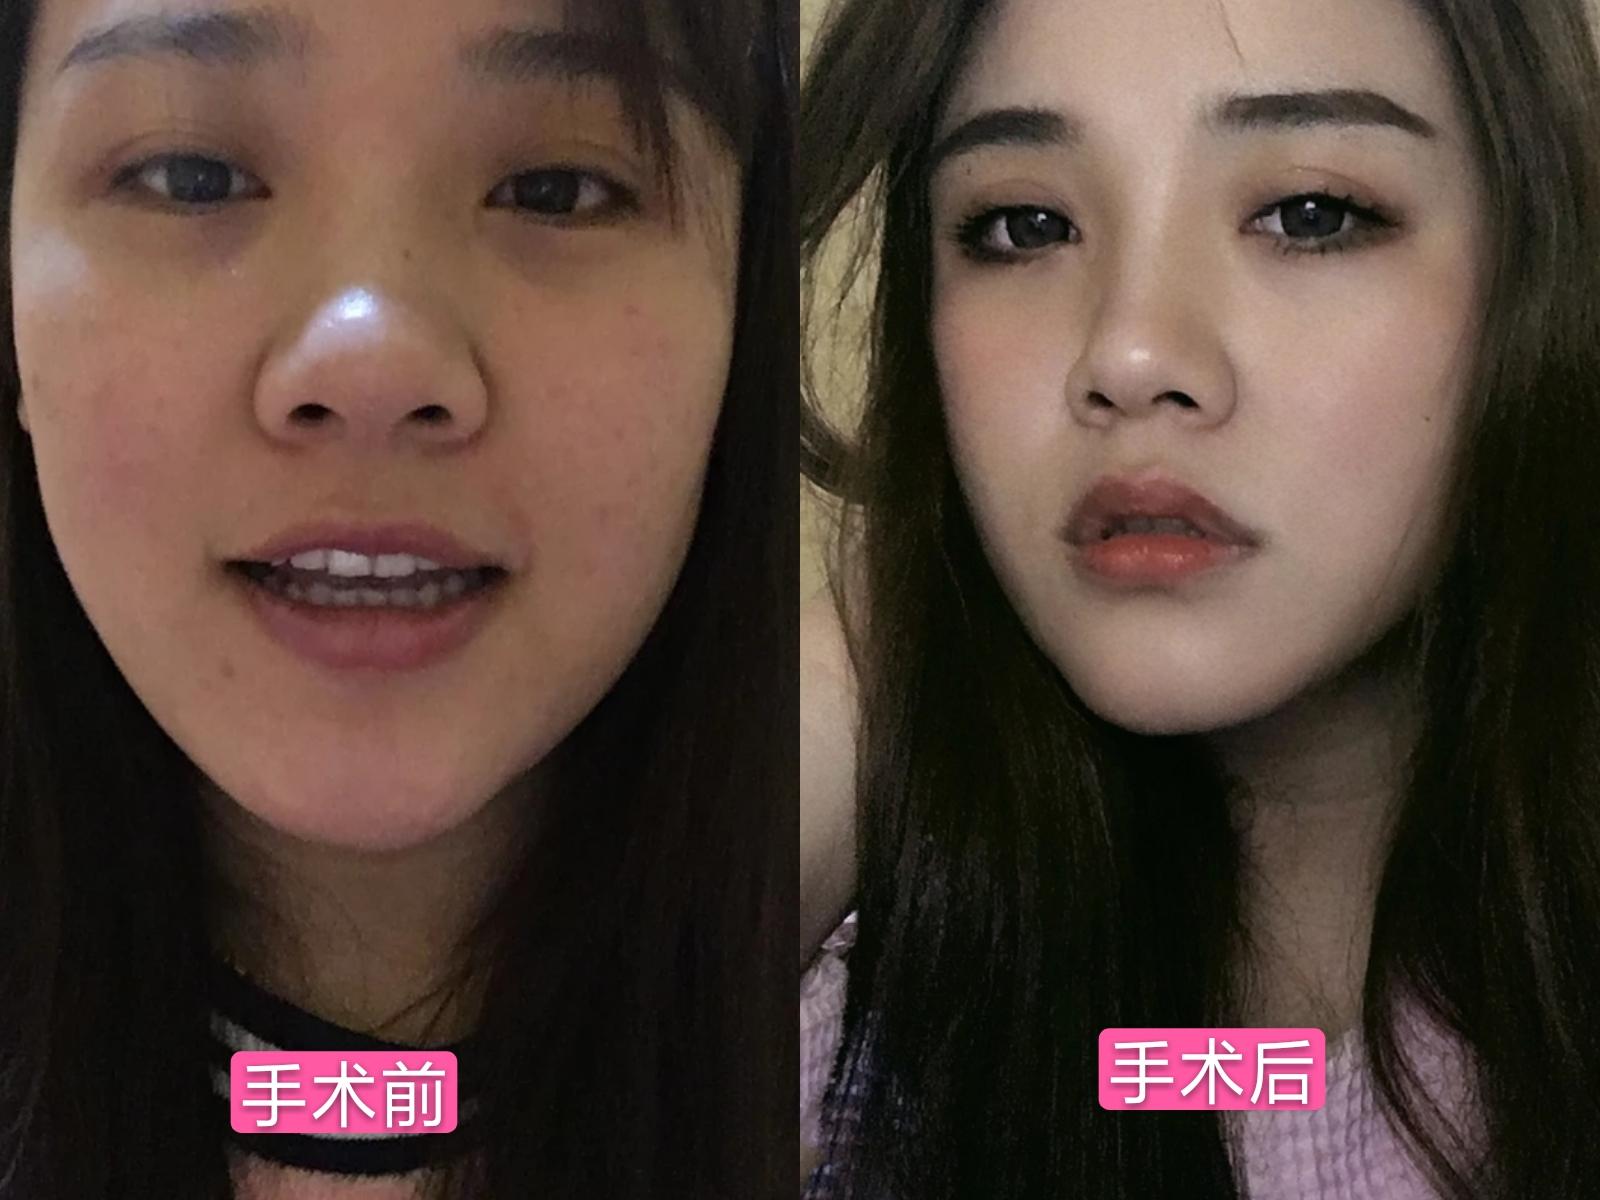 张姣姣医生做双眼皮真人案例分享